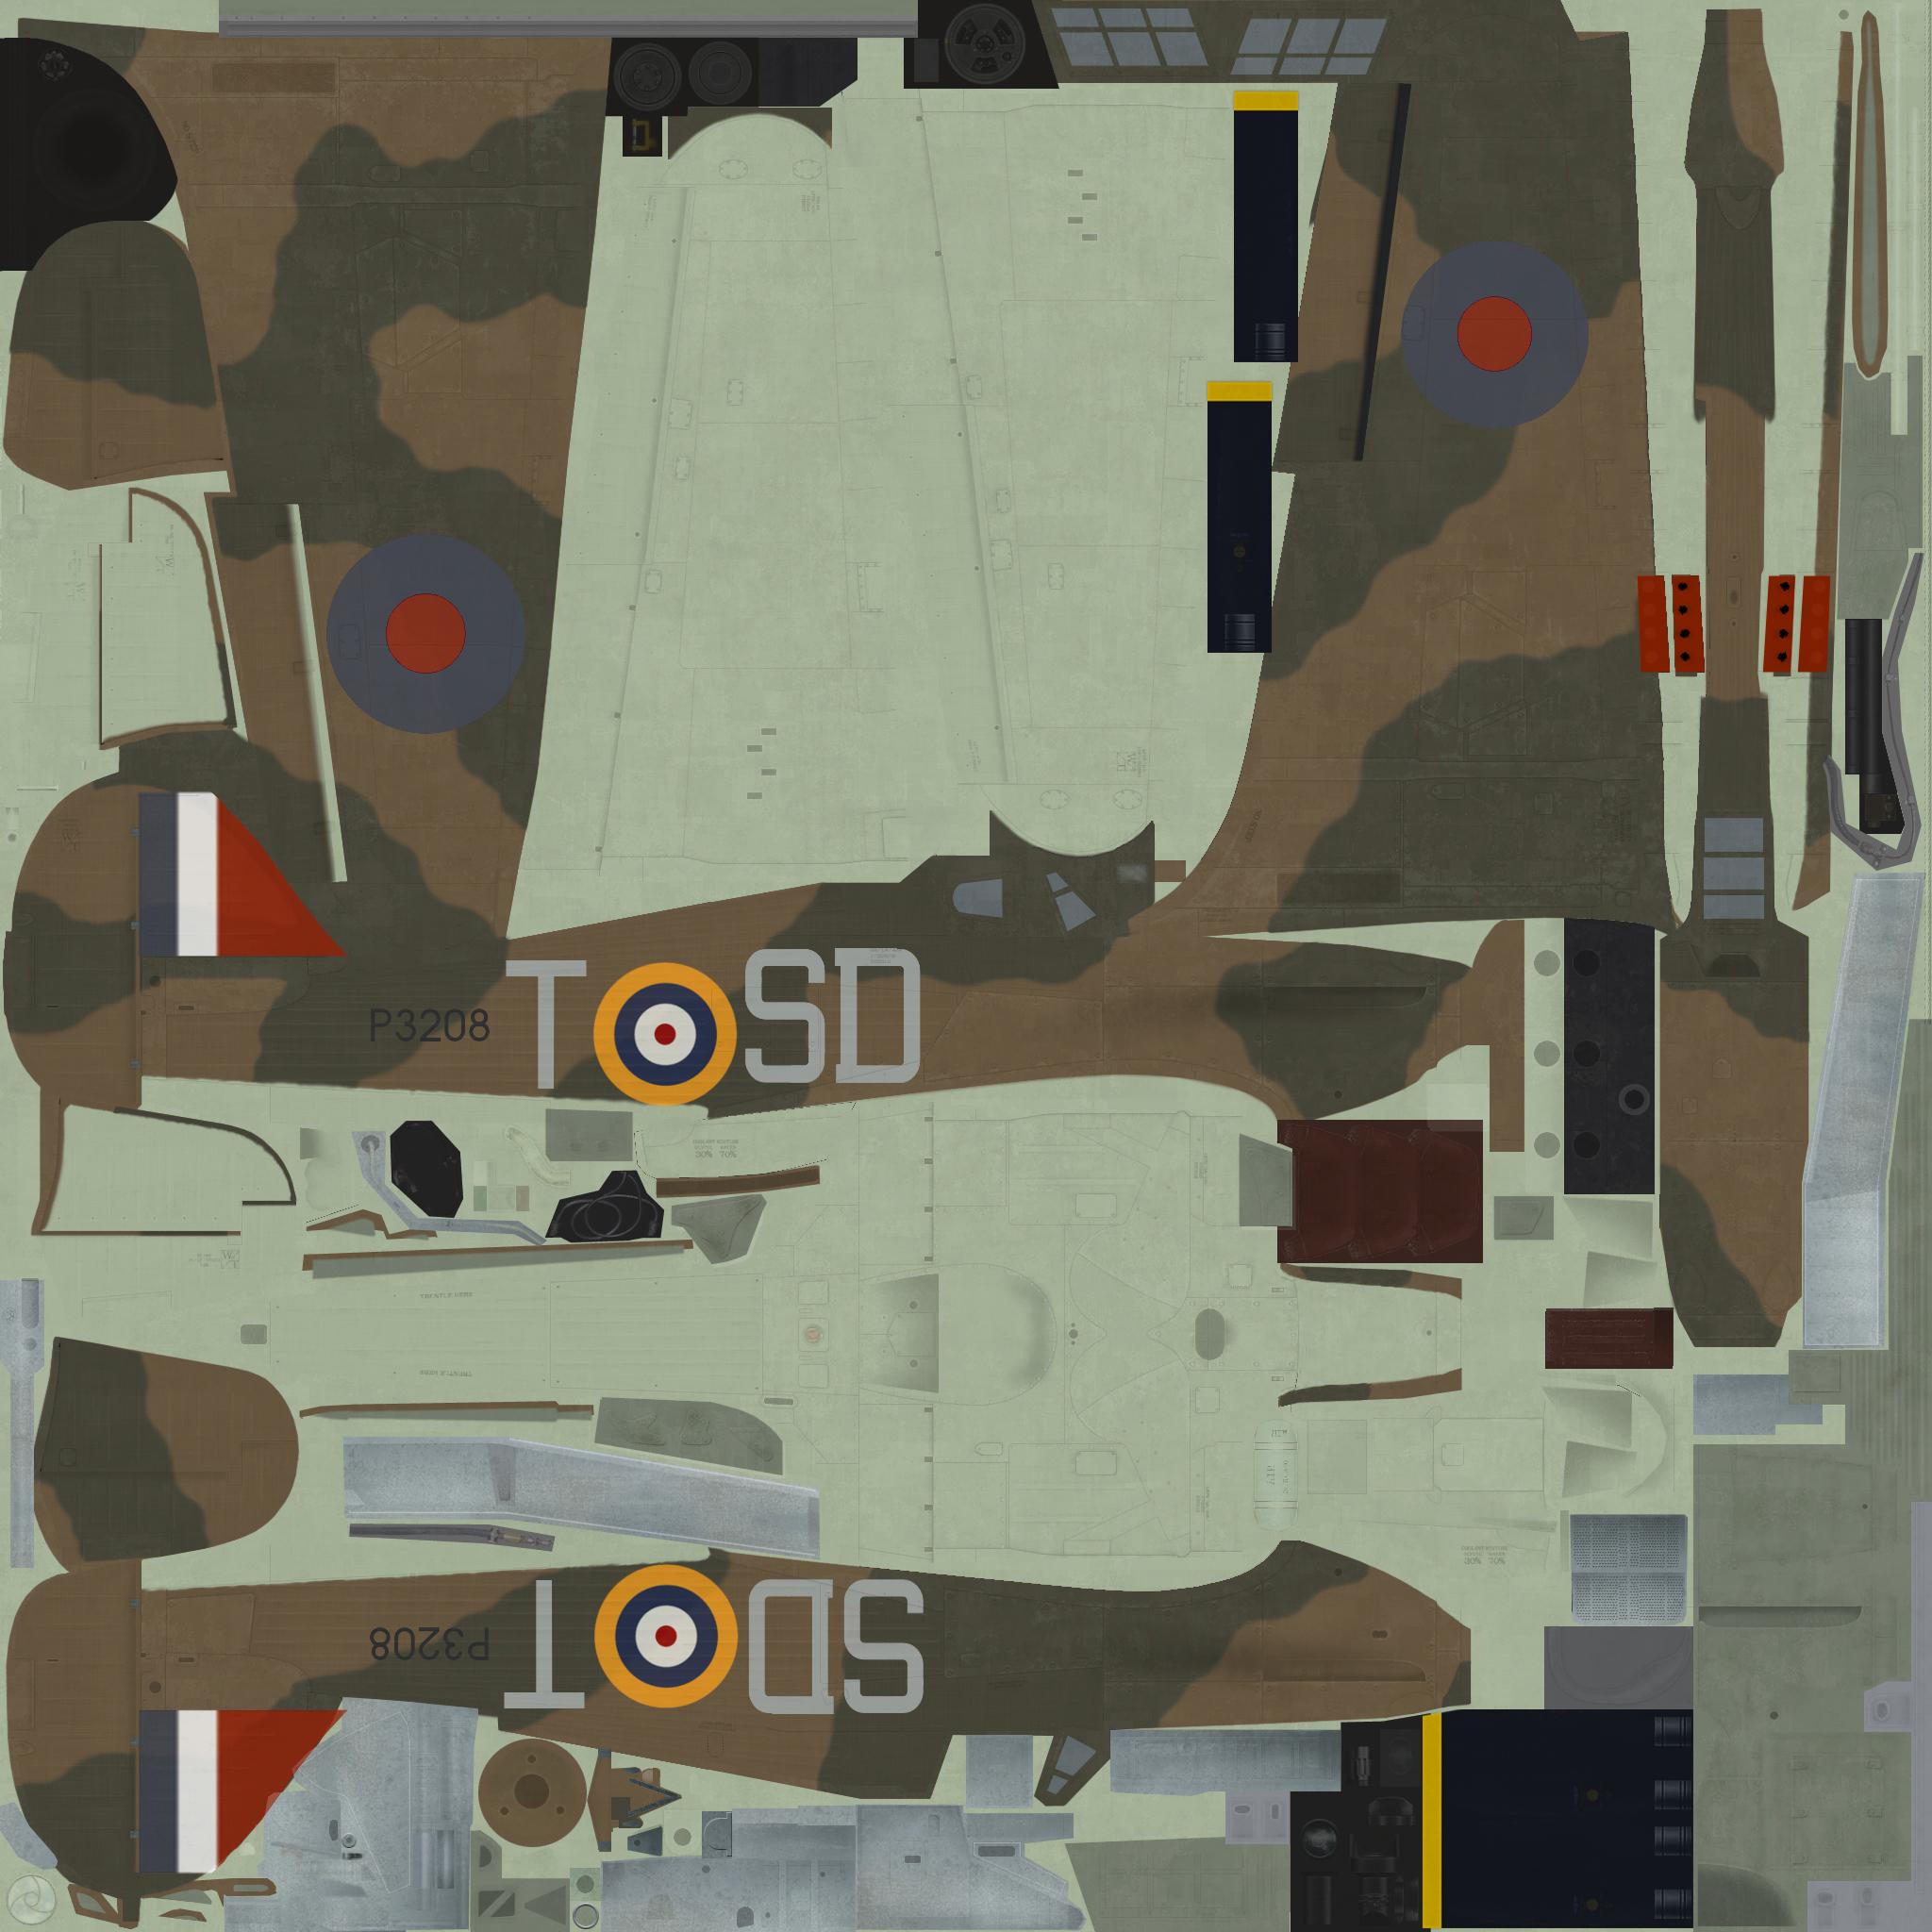 COD C6 Hurricane I RAF 501Sqn SDT Bland P3208 England 1940